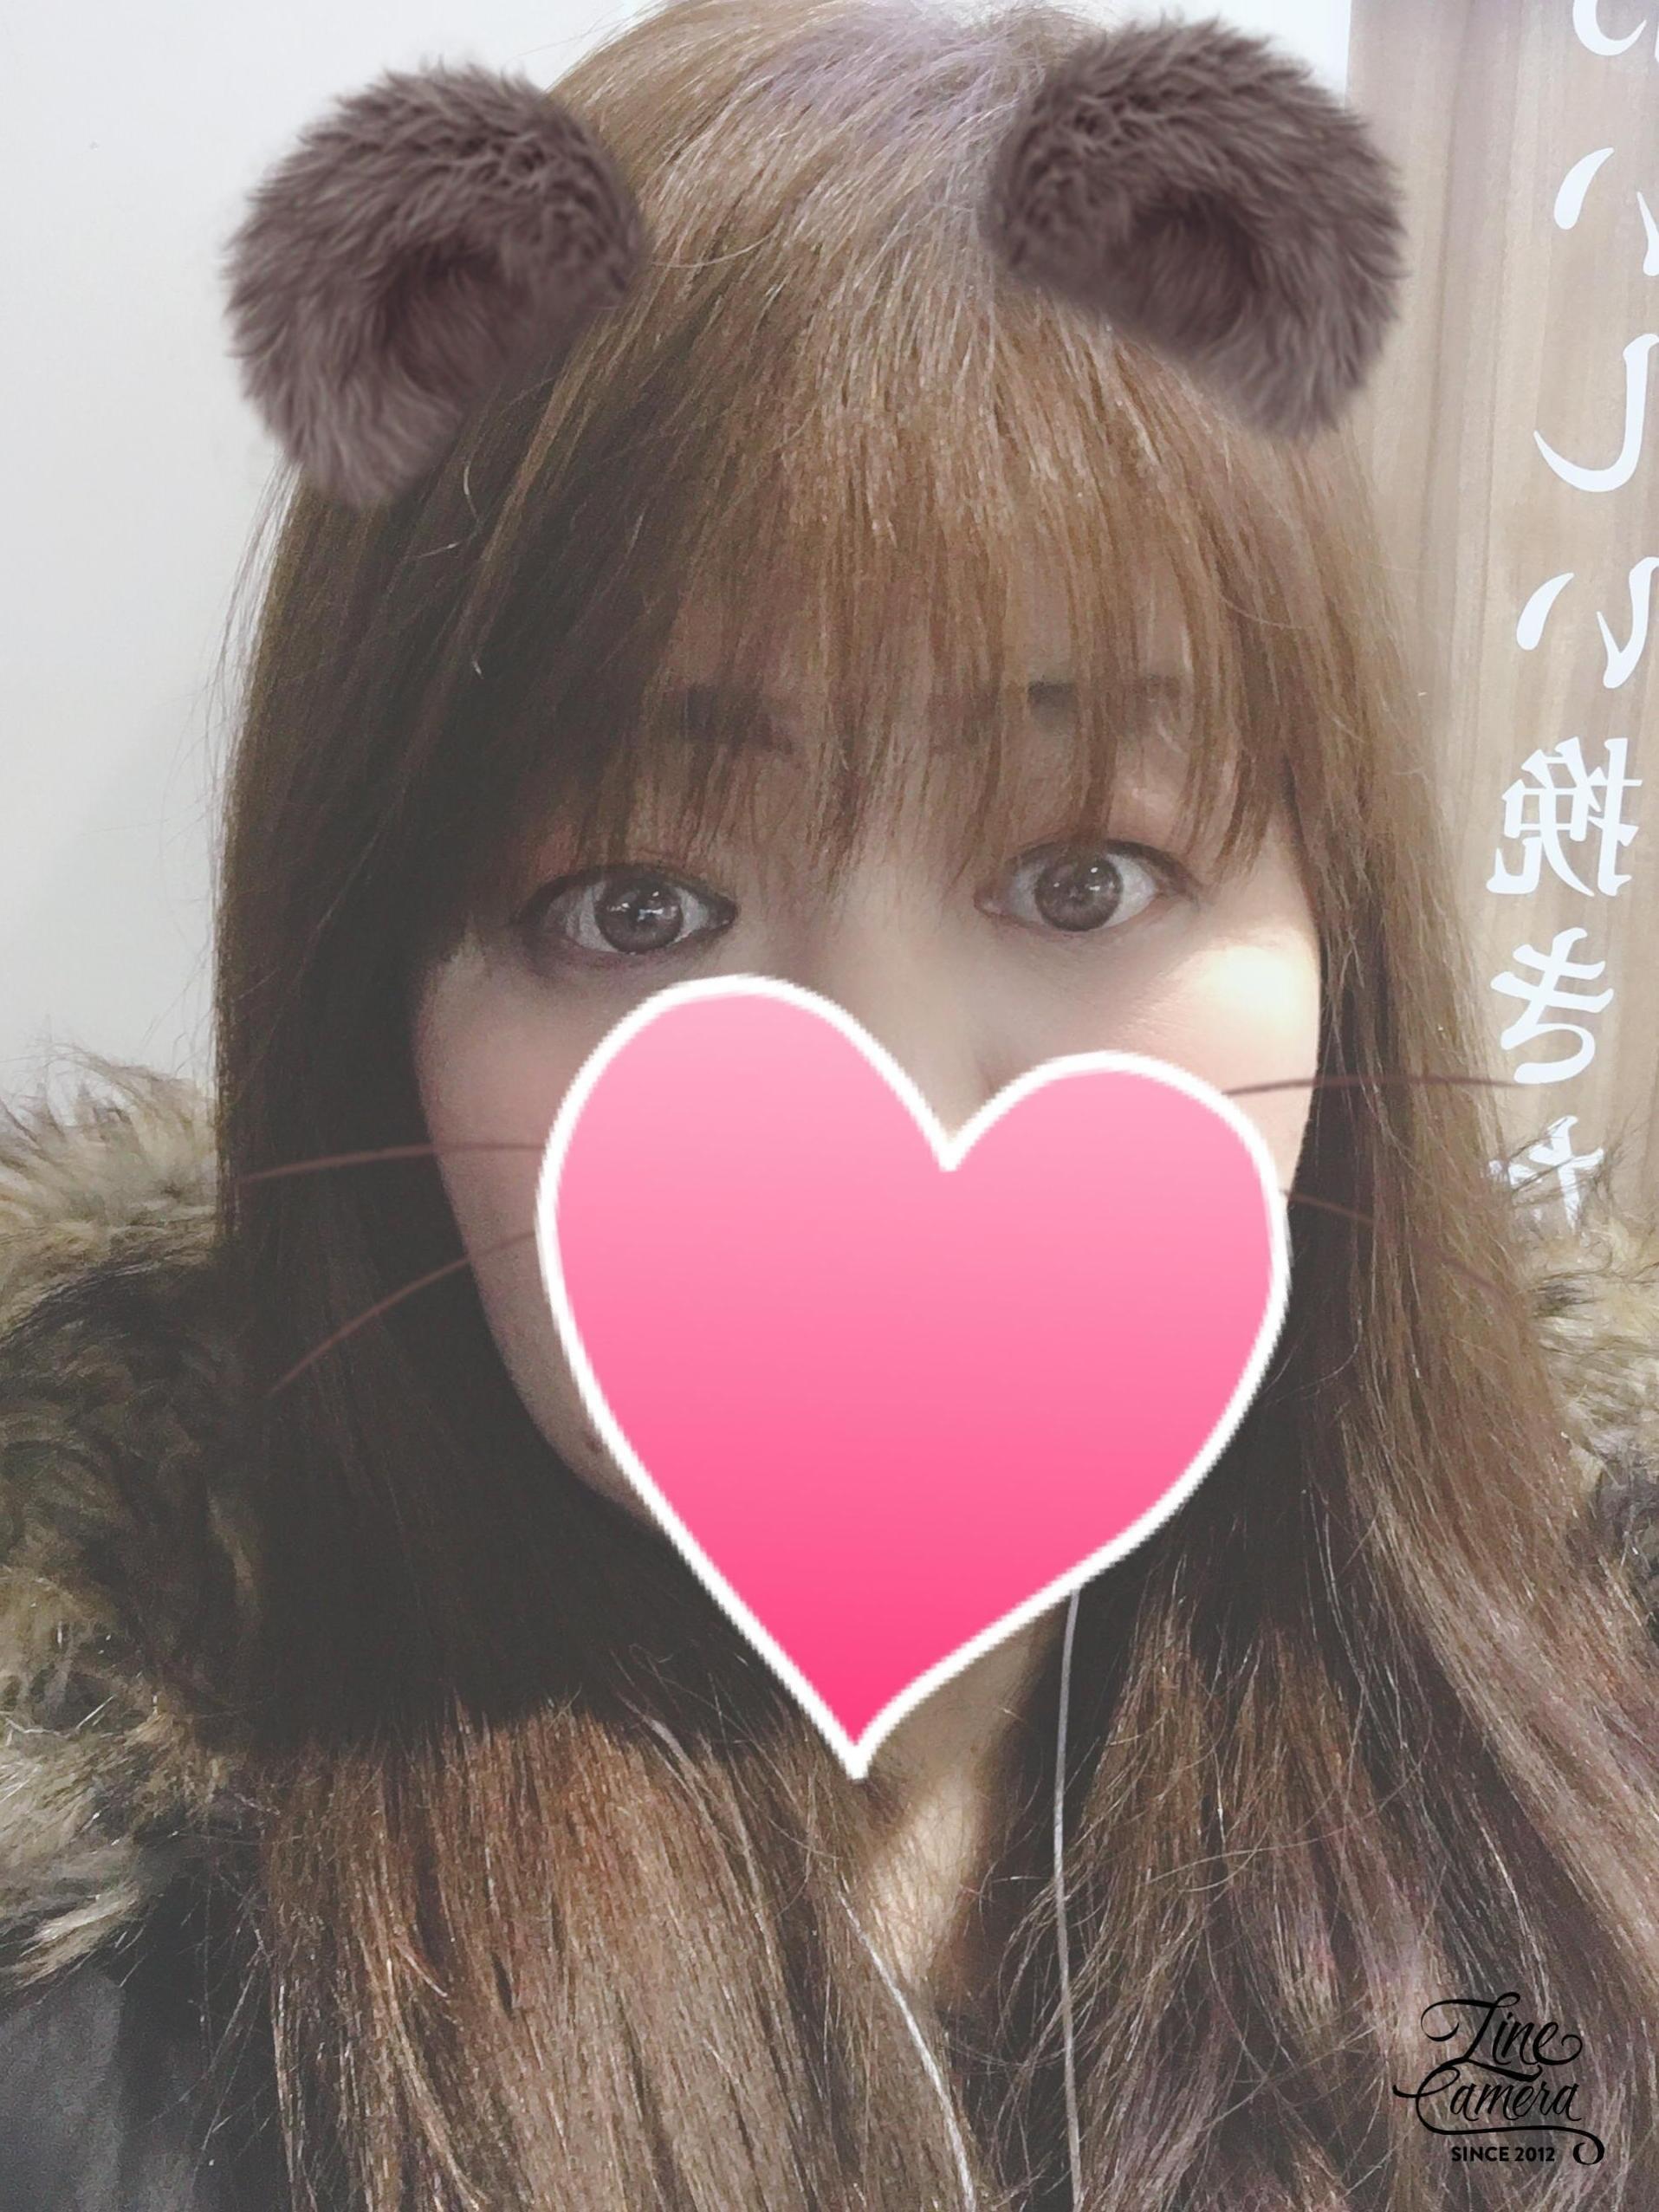 「待機戻りました☆」01/18(01/18) 15:56 | しずなの写メ・風俗動画